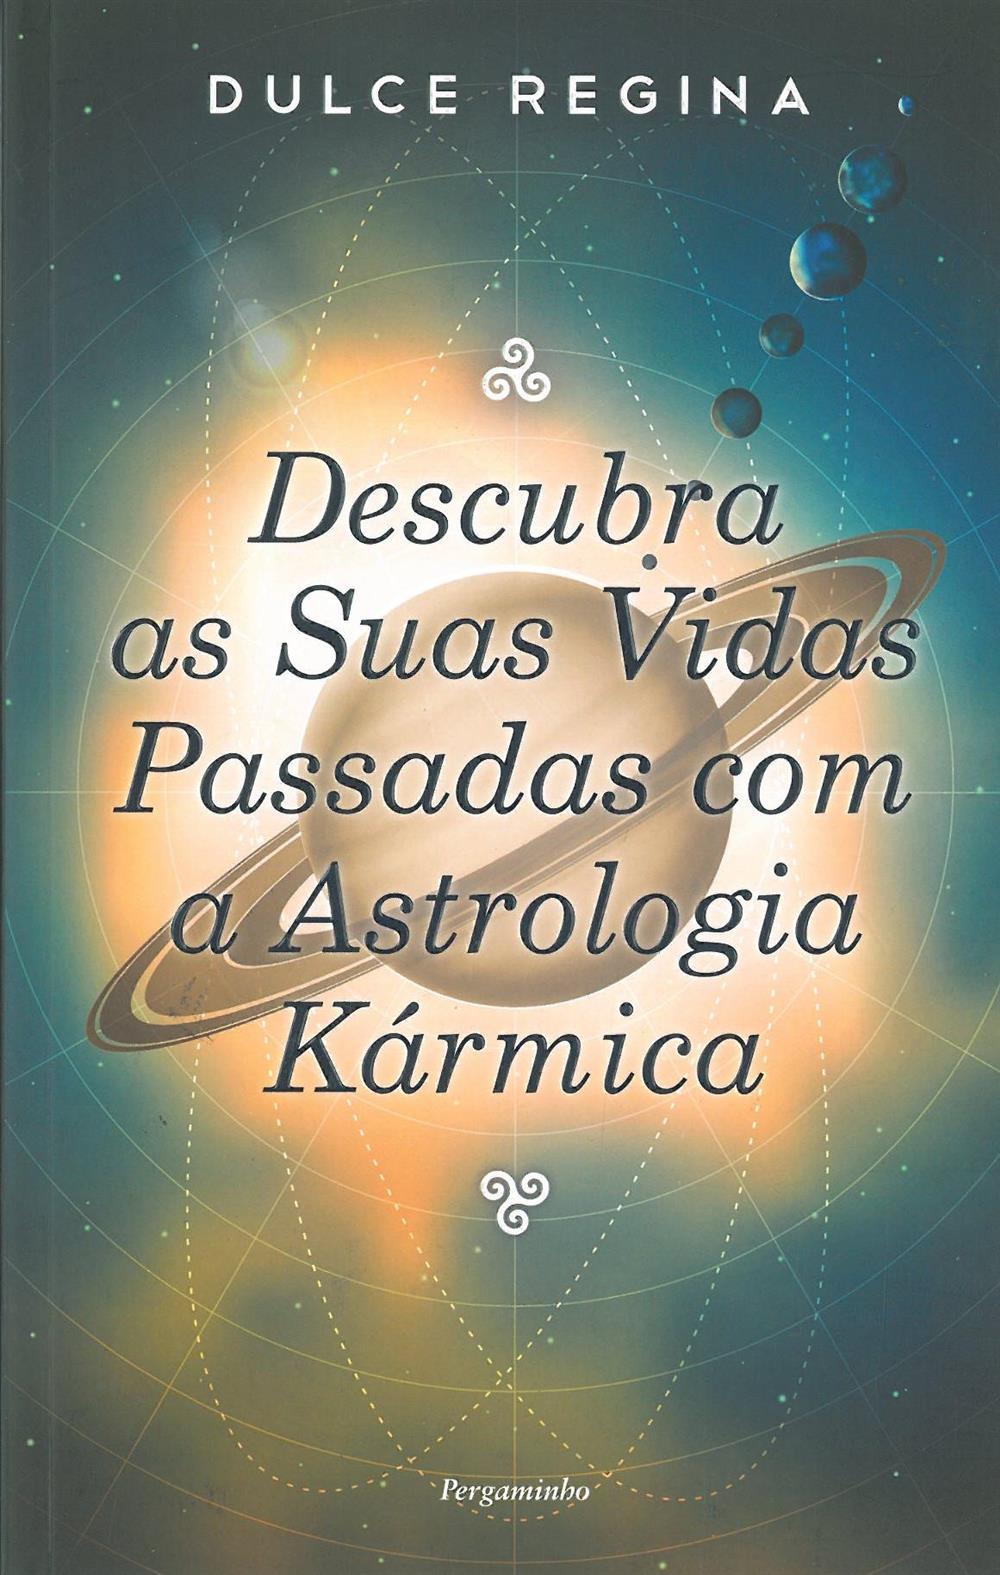 Descubra as suas vidas passadas com a astrologia kármica_.jpg